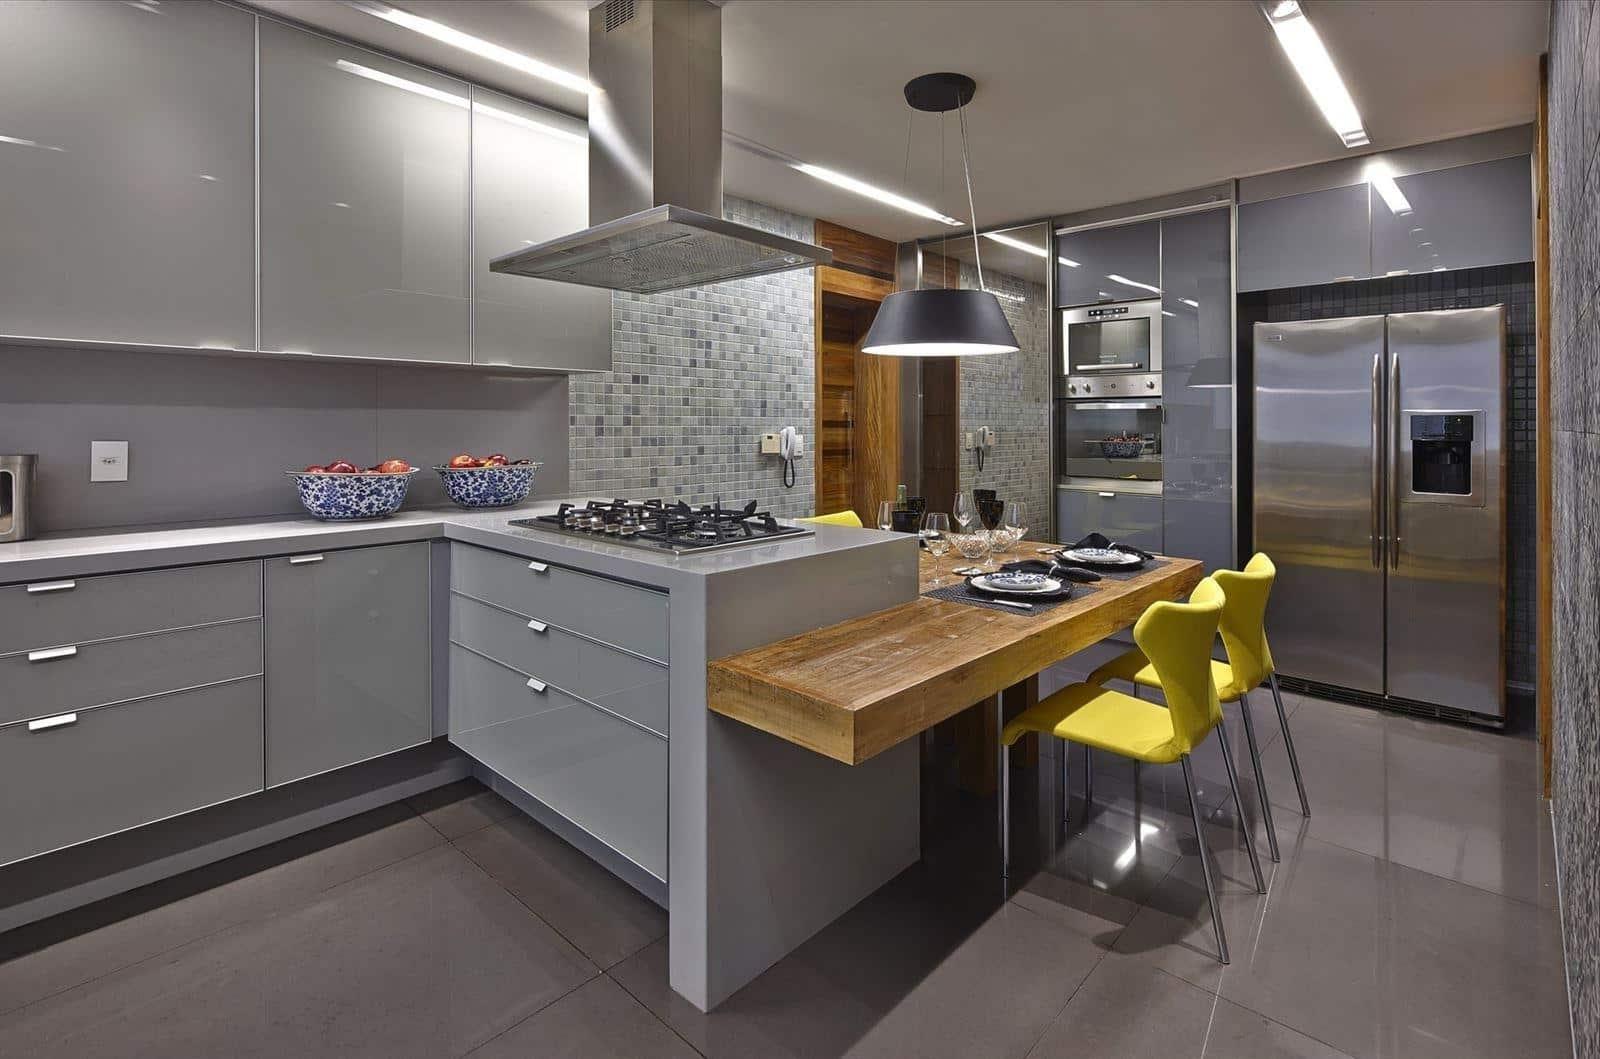 Глянцевая столешница из акрилового камня - универсальное решение для любого кинтерьера кухни